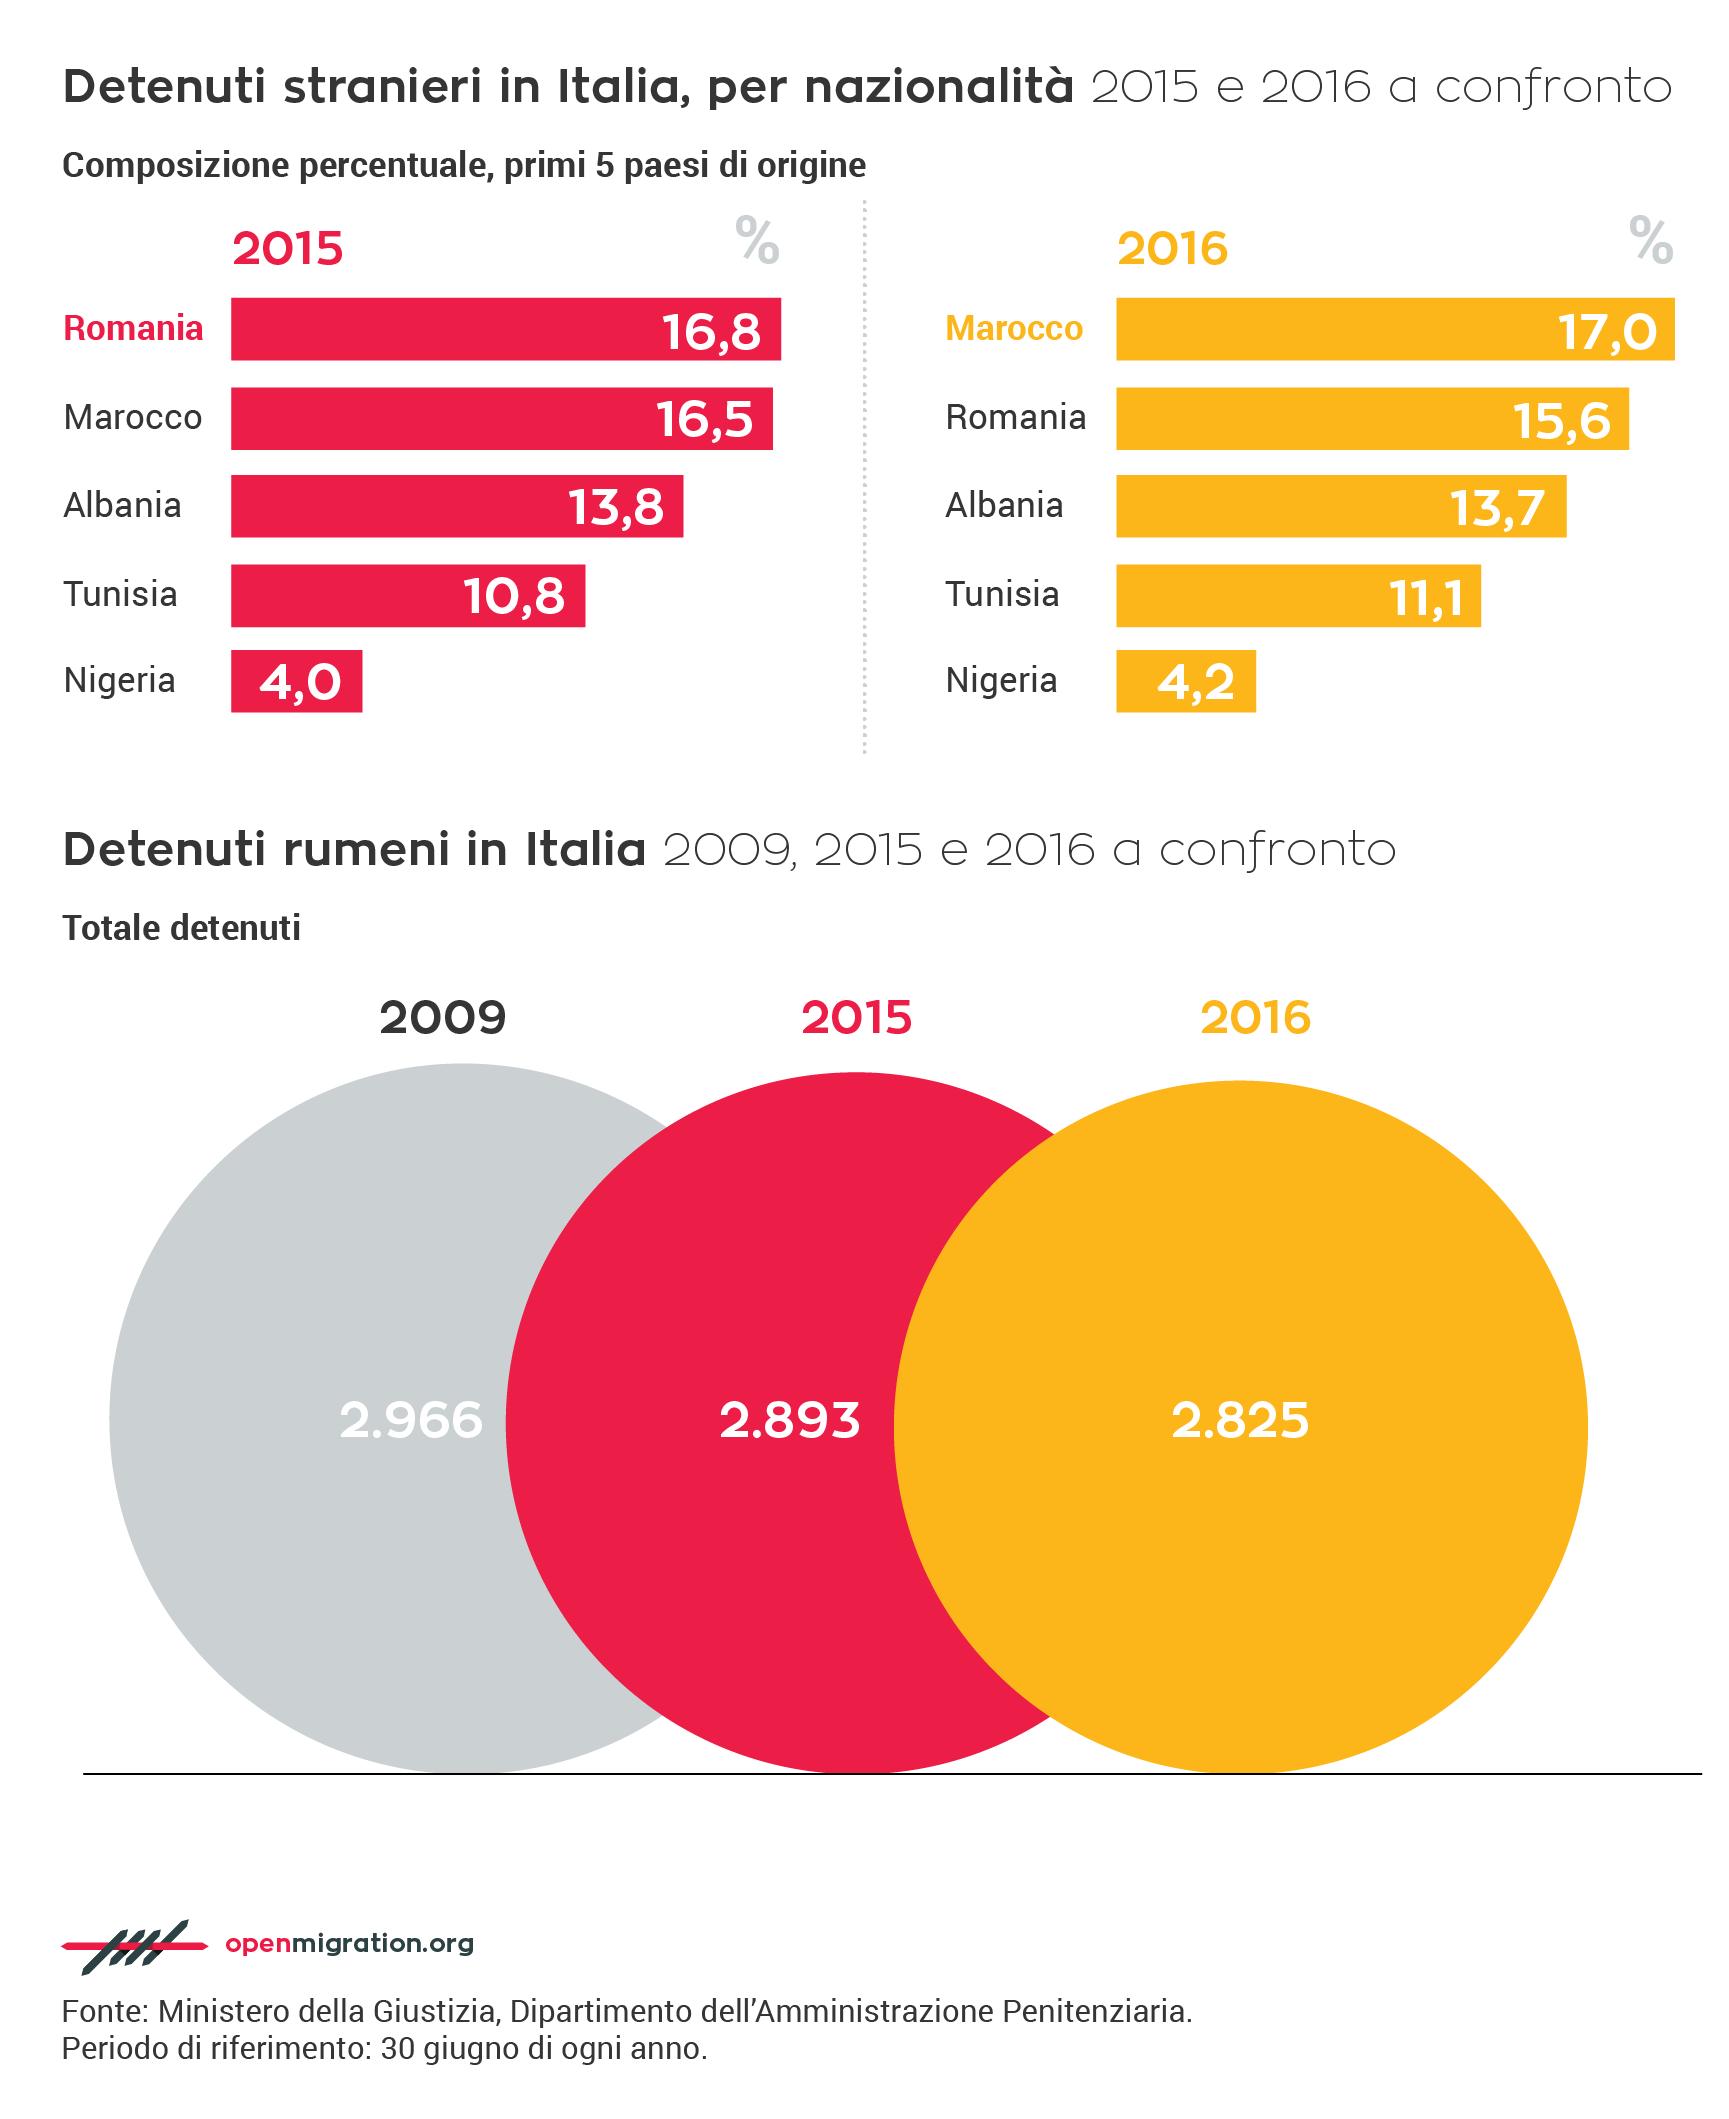 Detenuti stranieri in Italia per nazionalità, 2015-2016 a confronto